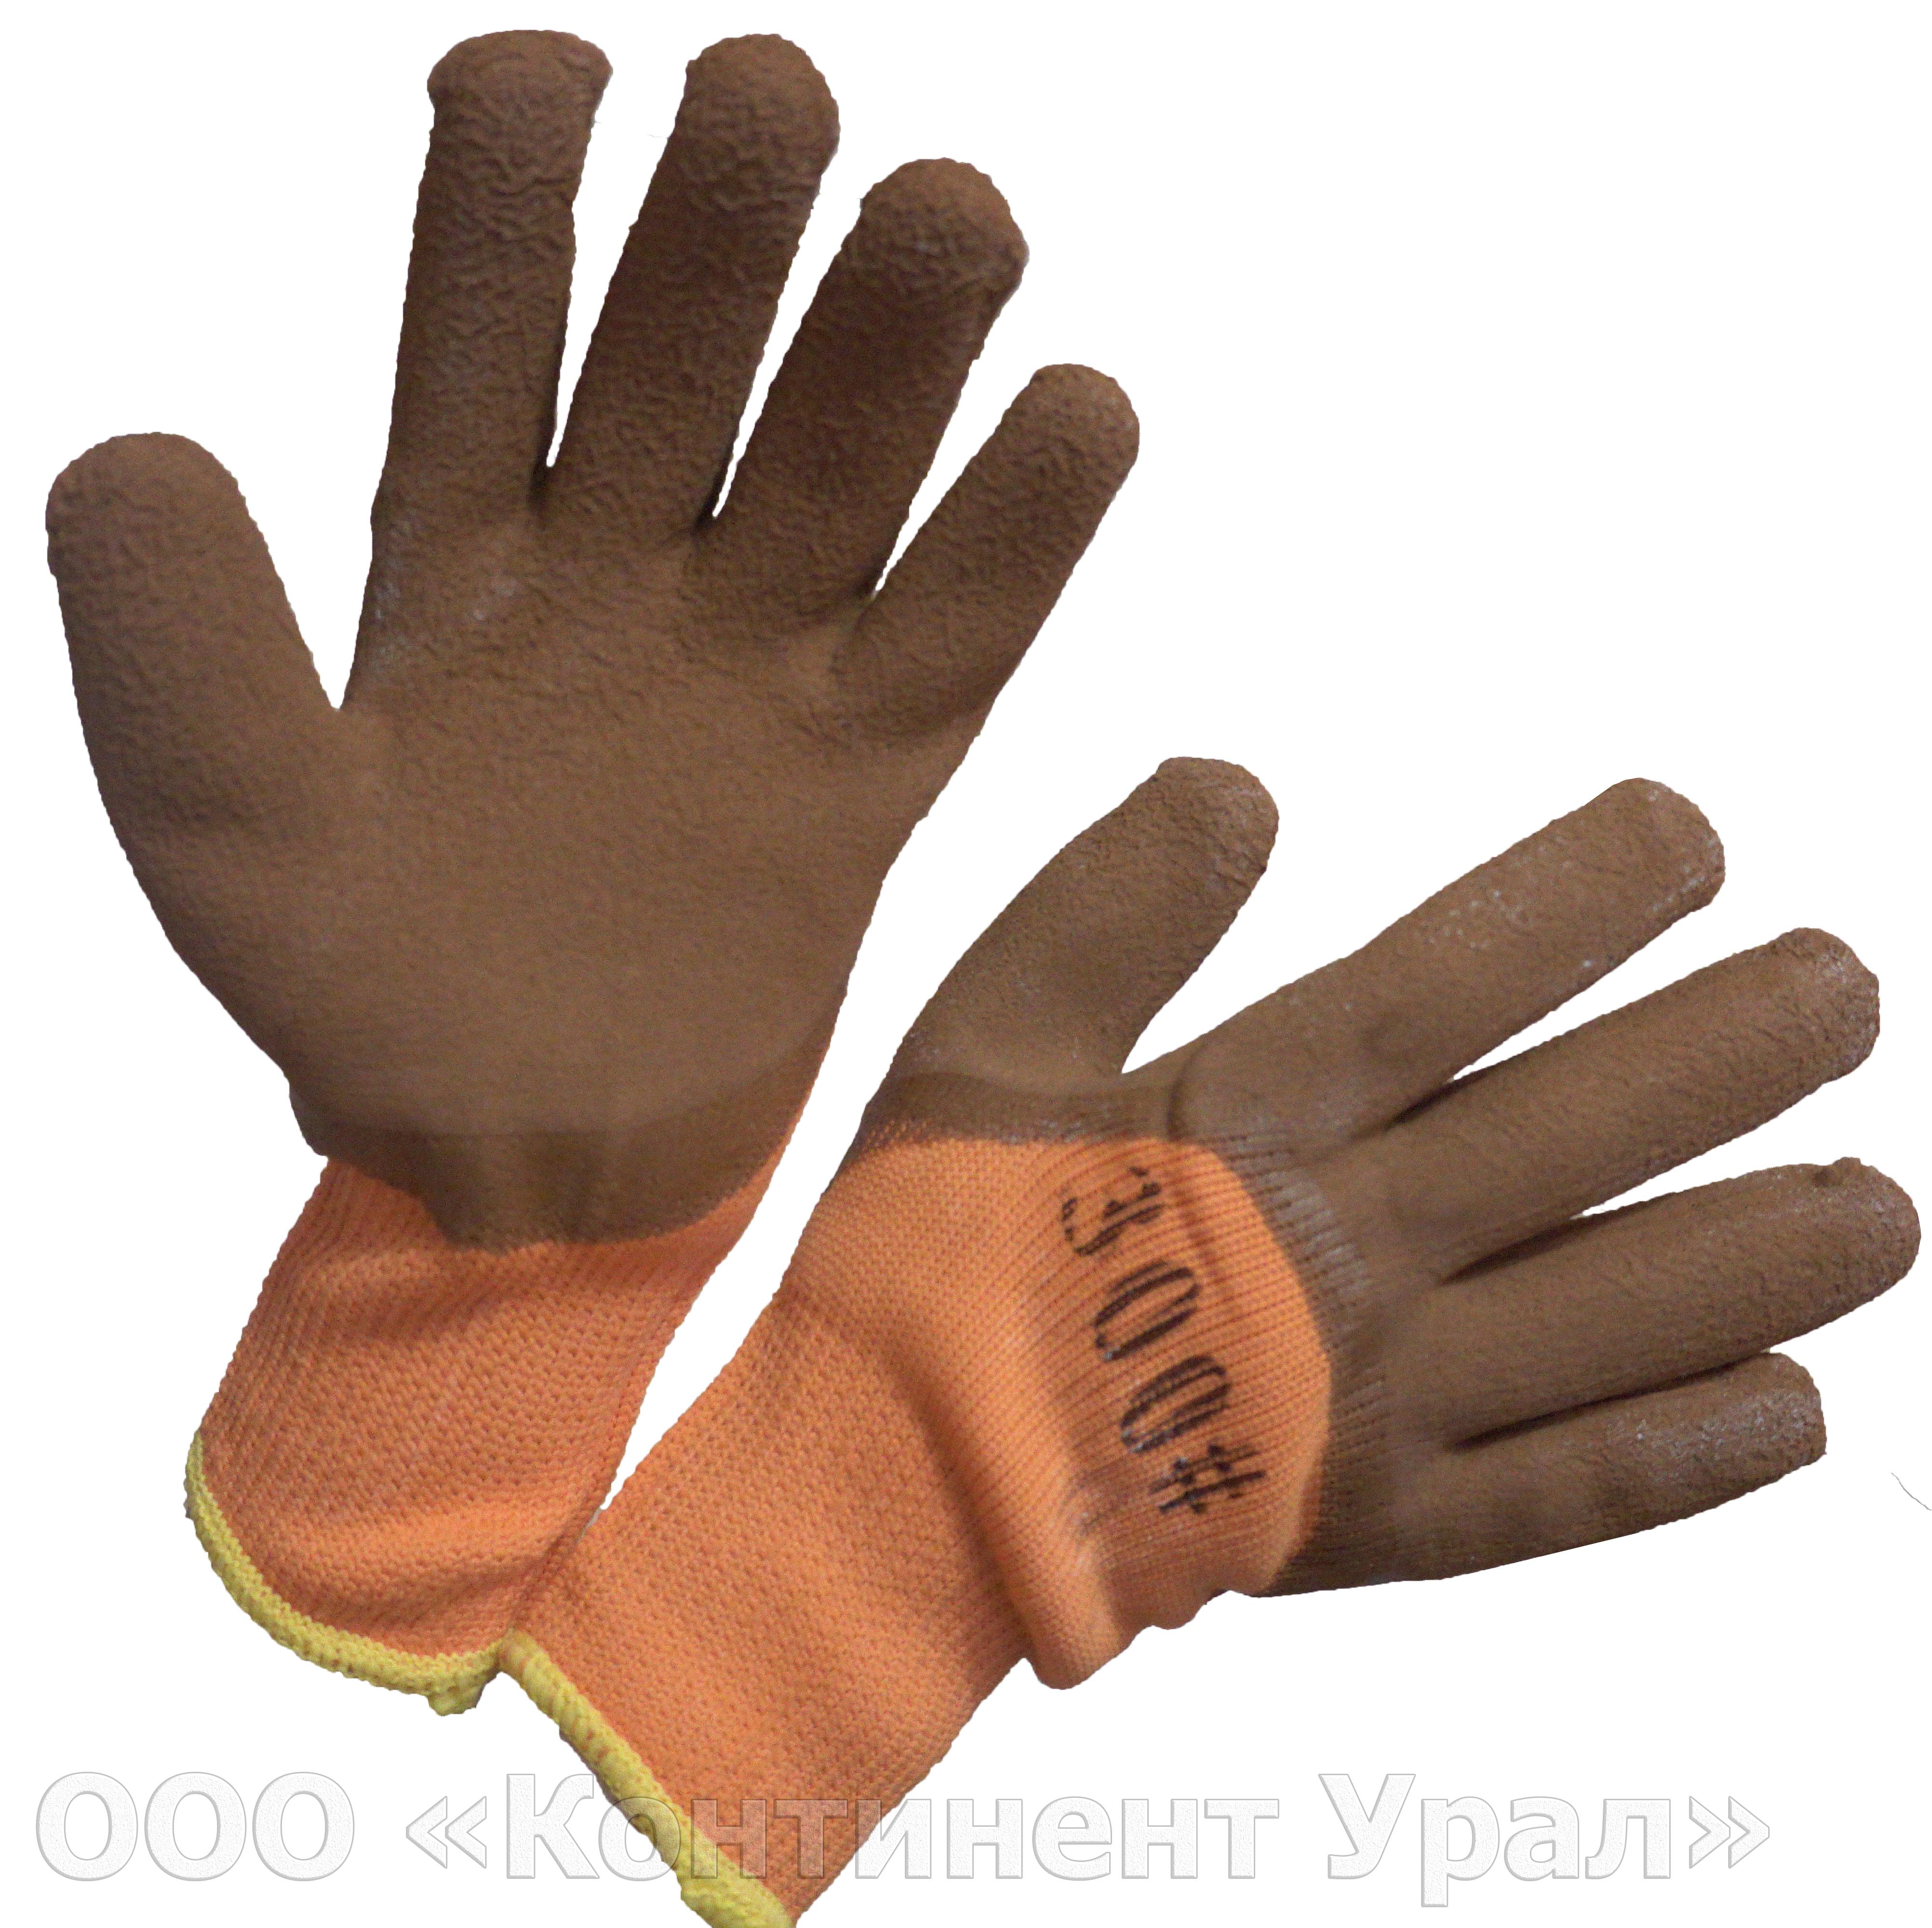 Перчатки #300 с глубоким вспененным обливом, цвет коричневый